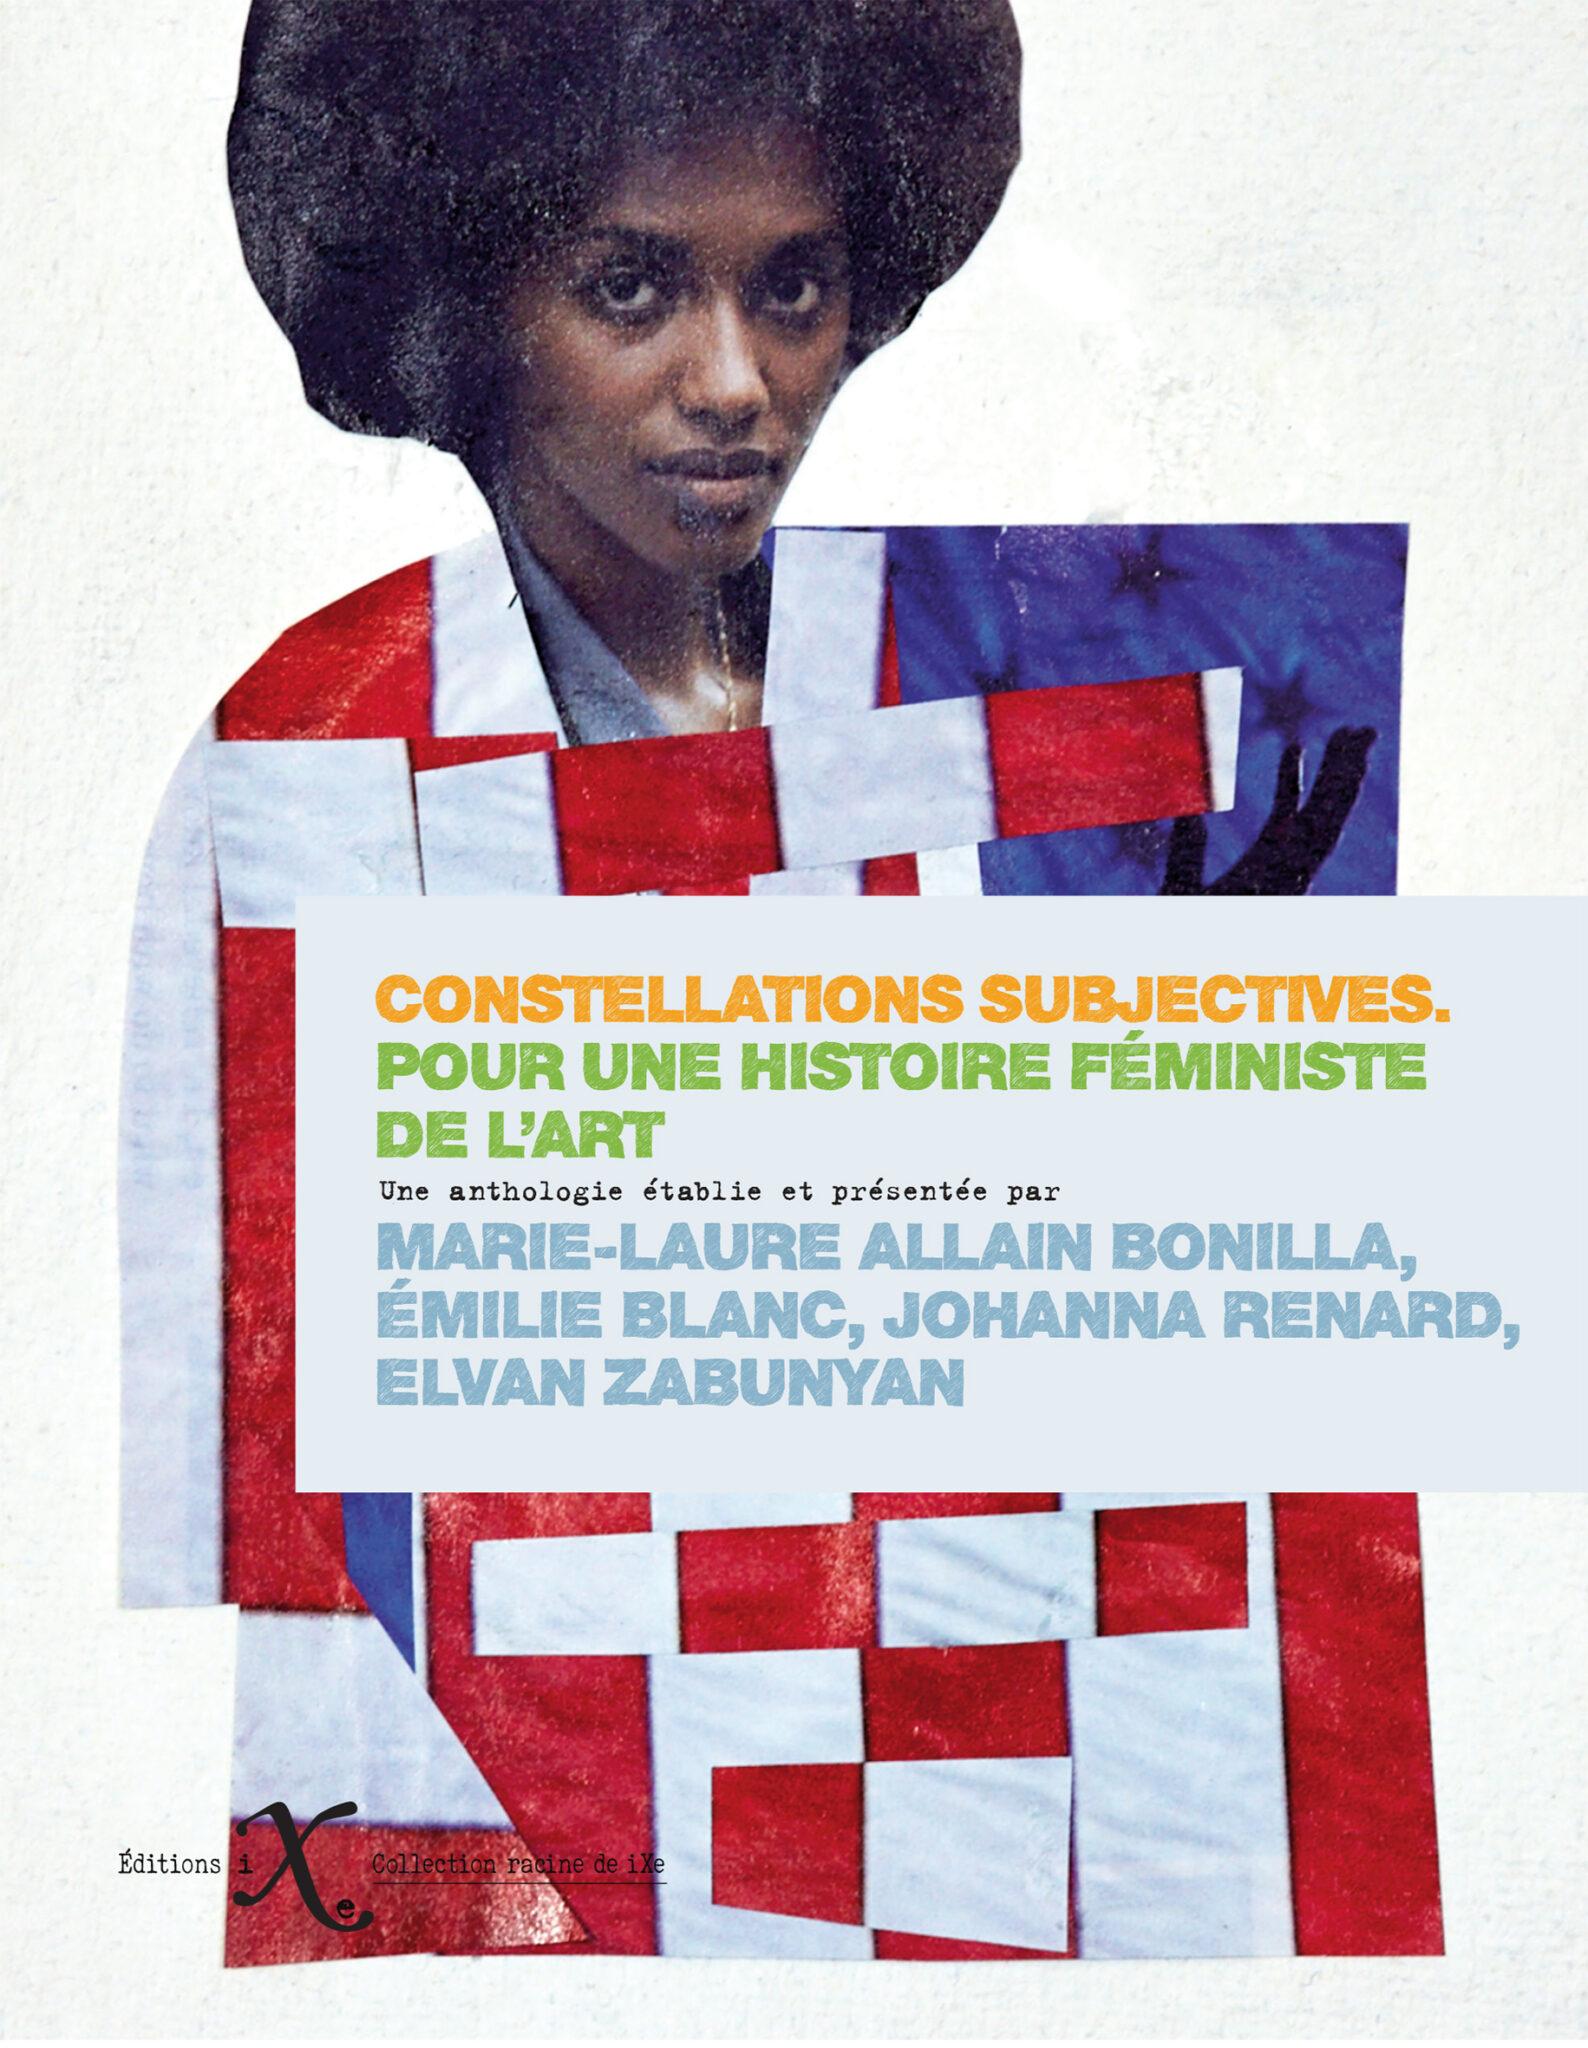 M. Allain-Bonilla, É. Blanc, J. Renard, E. Zabunyan (dir.) Constellations subjectives. Pour une histoire féministe de l'art